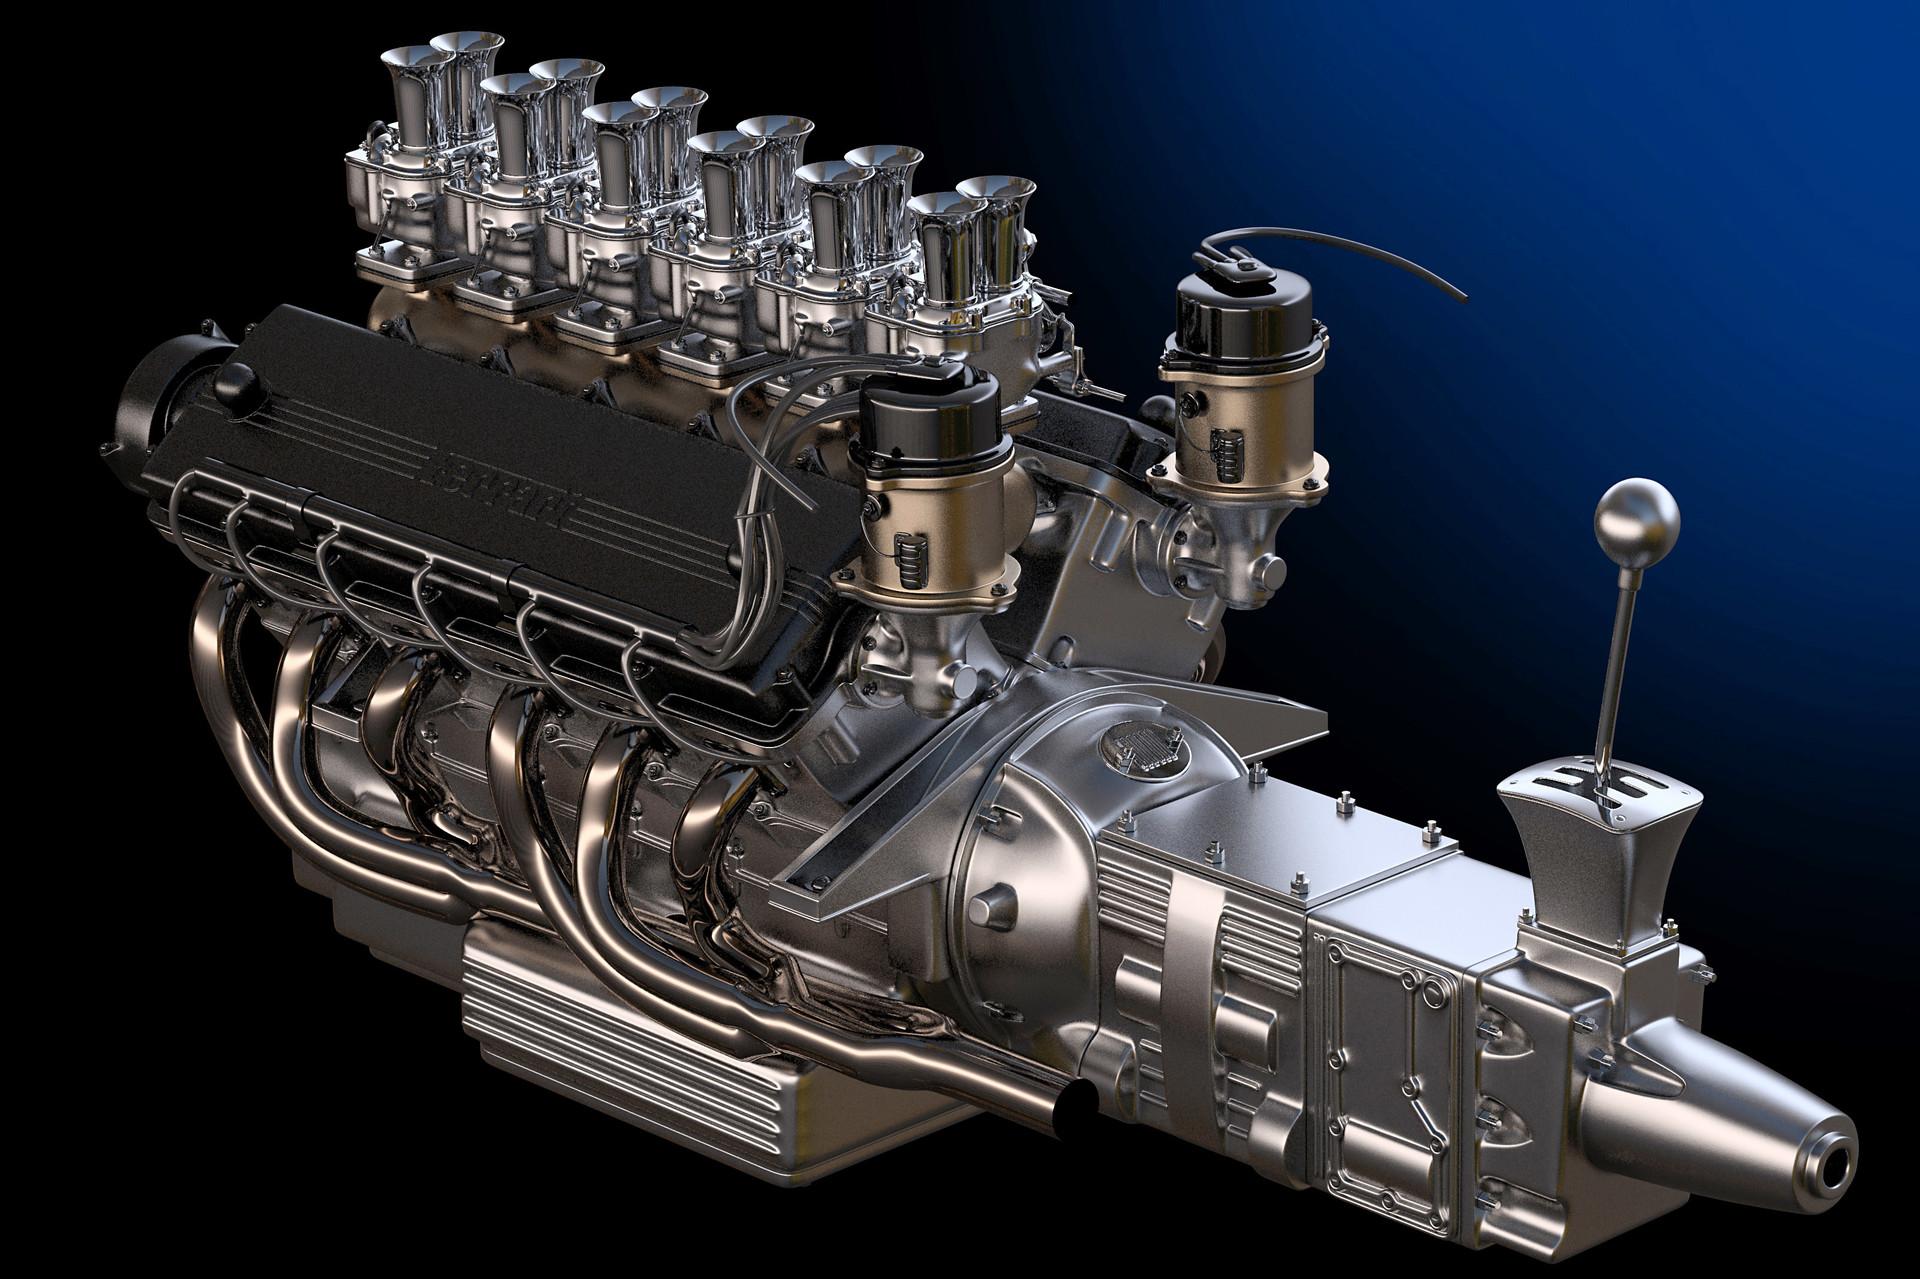 ArtStation - V12 Engine, Ying-Te Lien